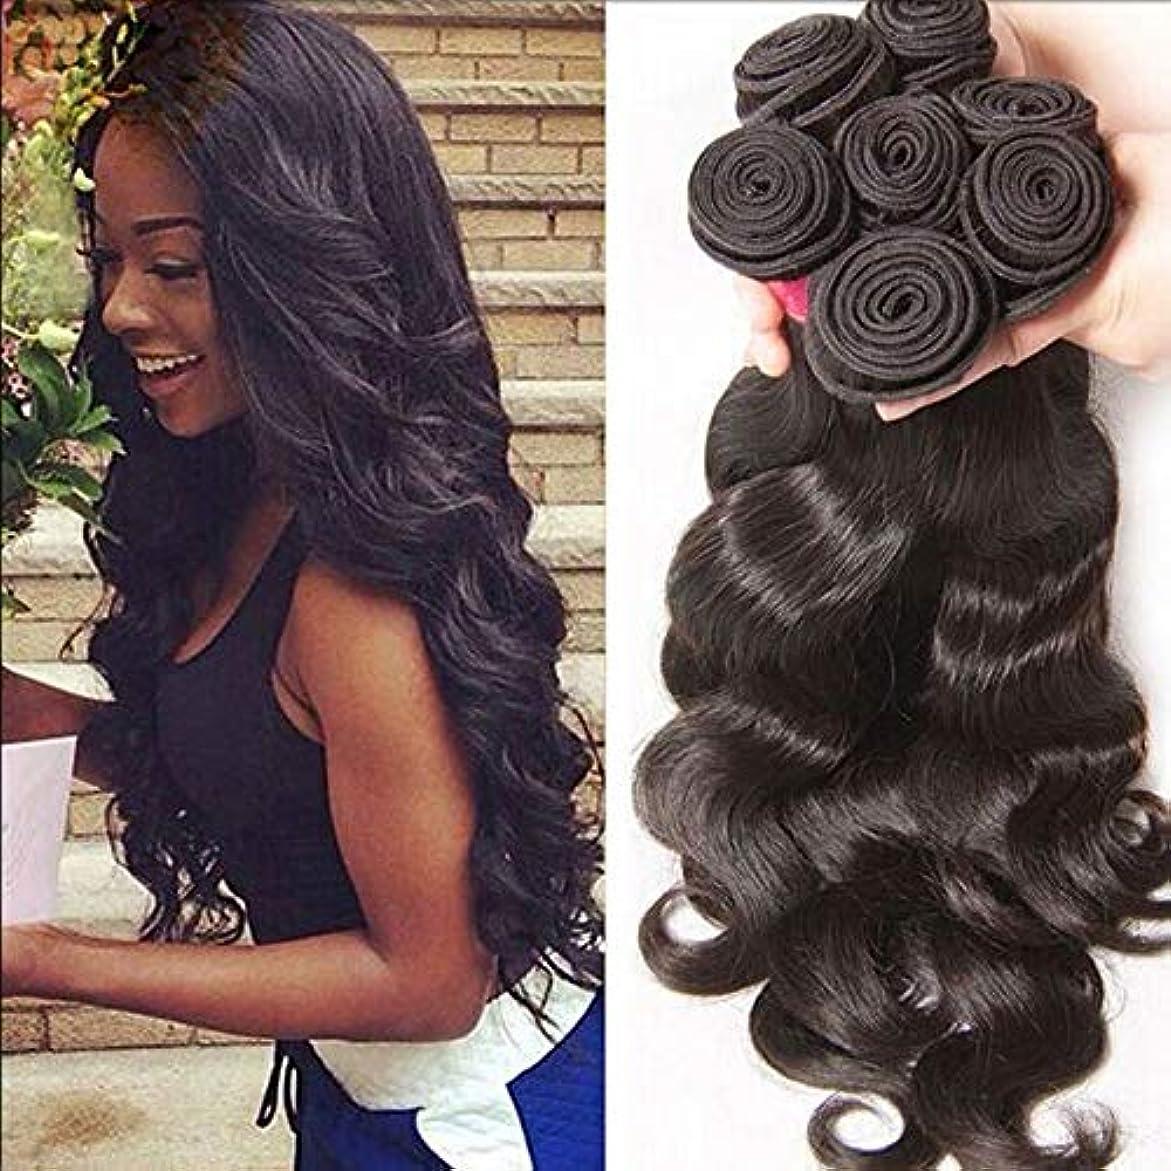 北へ登場別々にWASAIO 10「-24」)、ヘアエクステンションクリップUnseamed女性のボディウェーブ髪の1バンドル原油バージン人間ブラジルの髪(1つのバンドル (色 : 黒, サイズ : 10 inch)